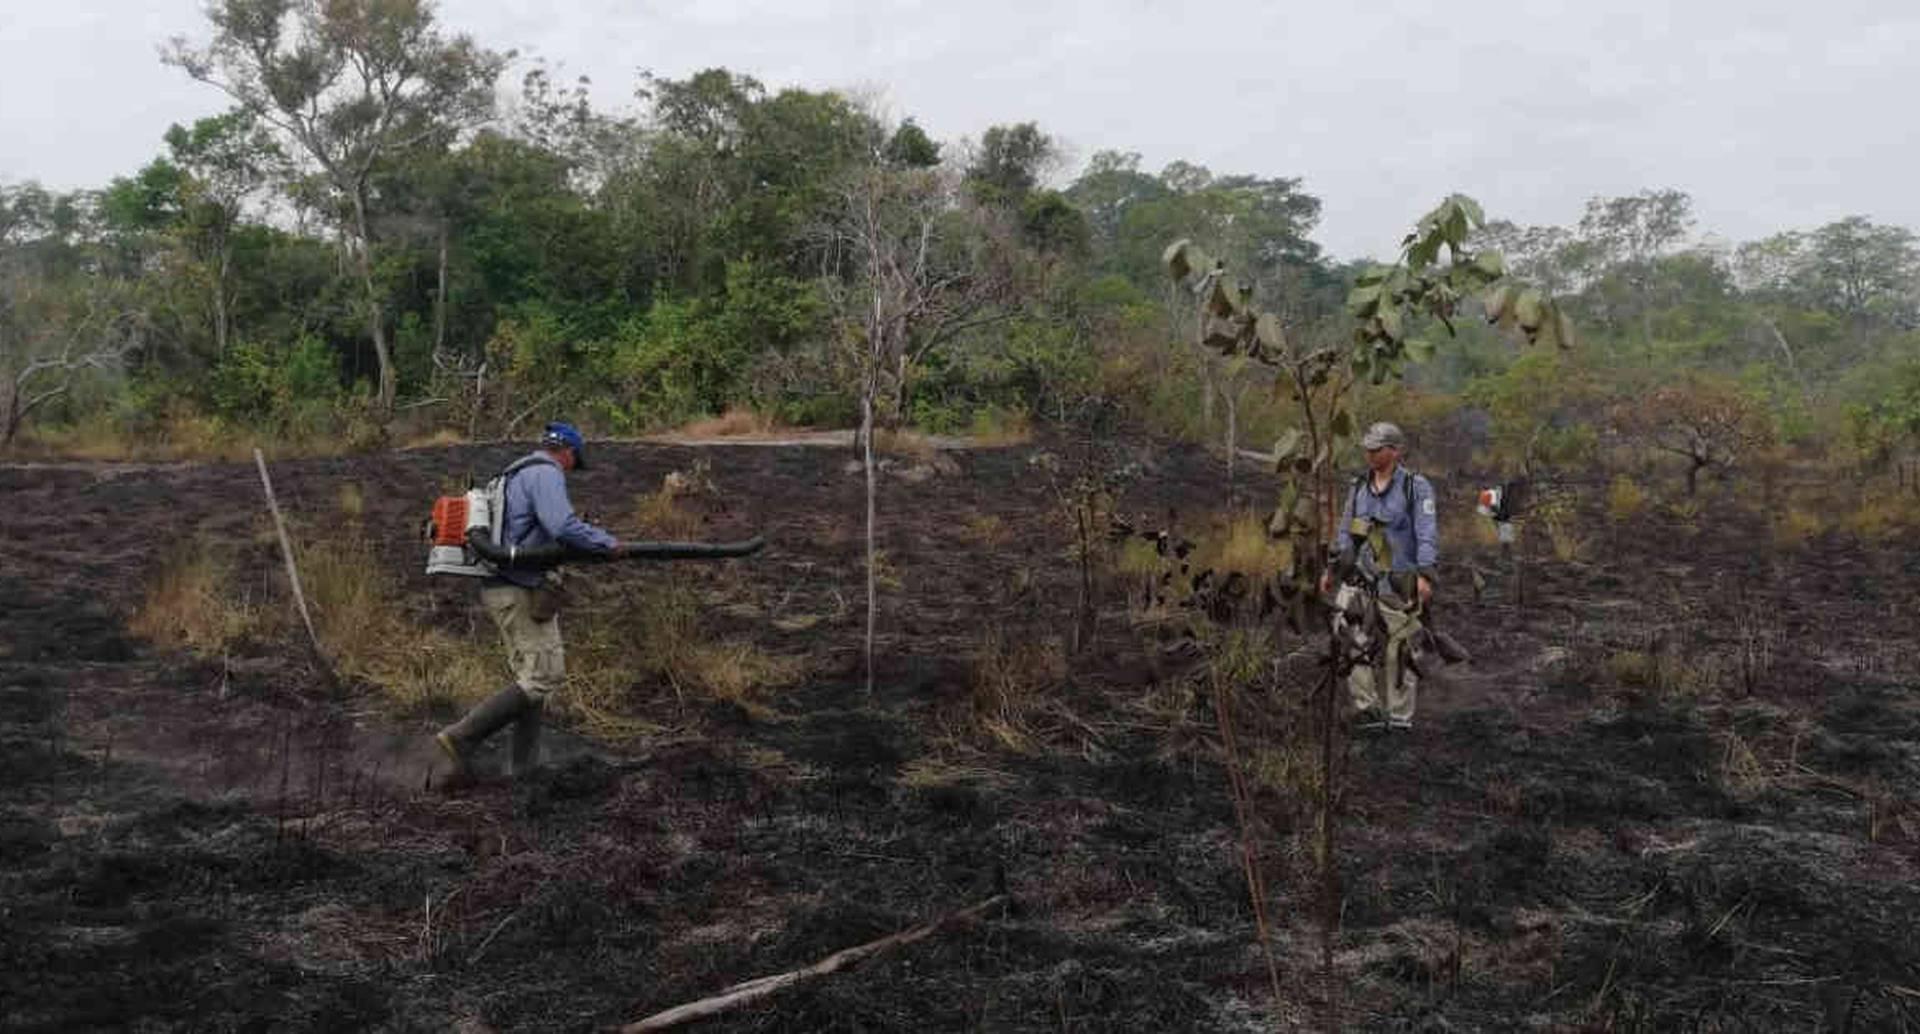 Guardaparques vienen ayudando a la extinción del incendio en el Parque Nacional El Tuparro. Foto: Parques Nacionales Naturales.